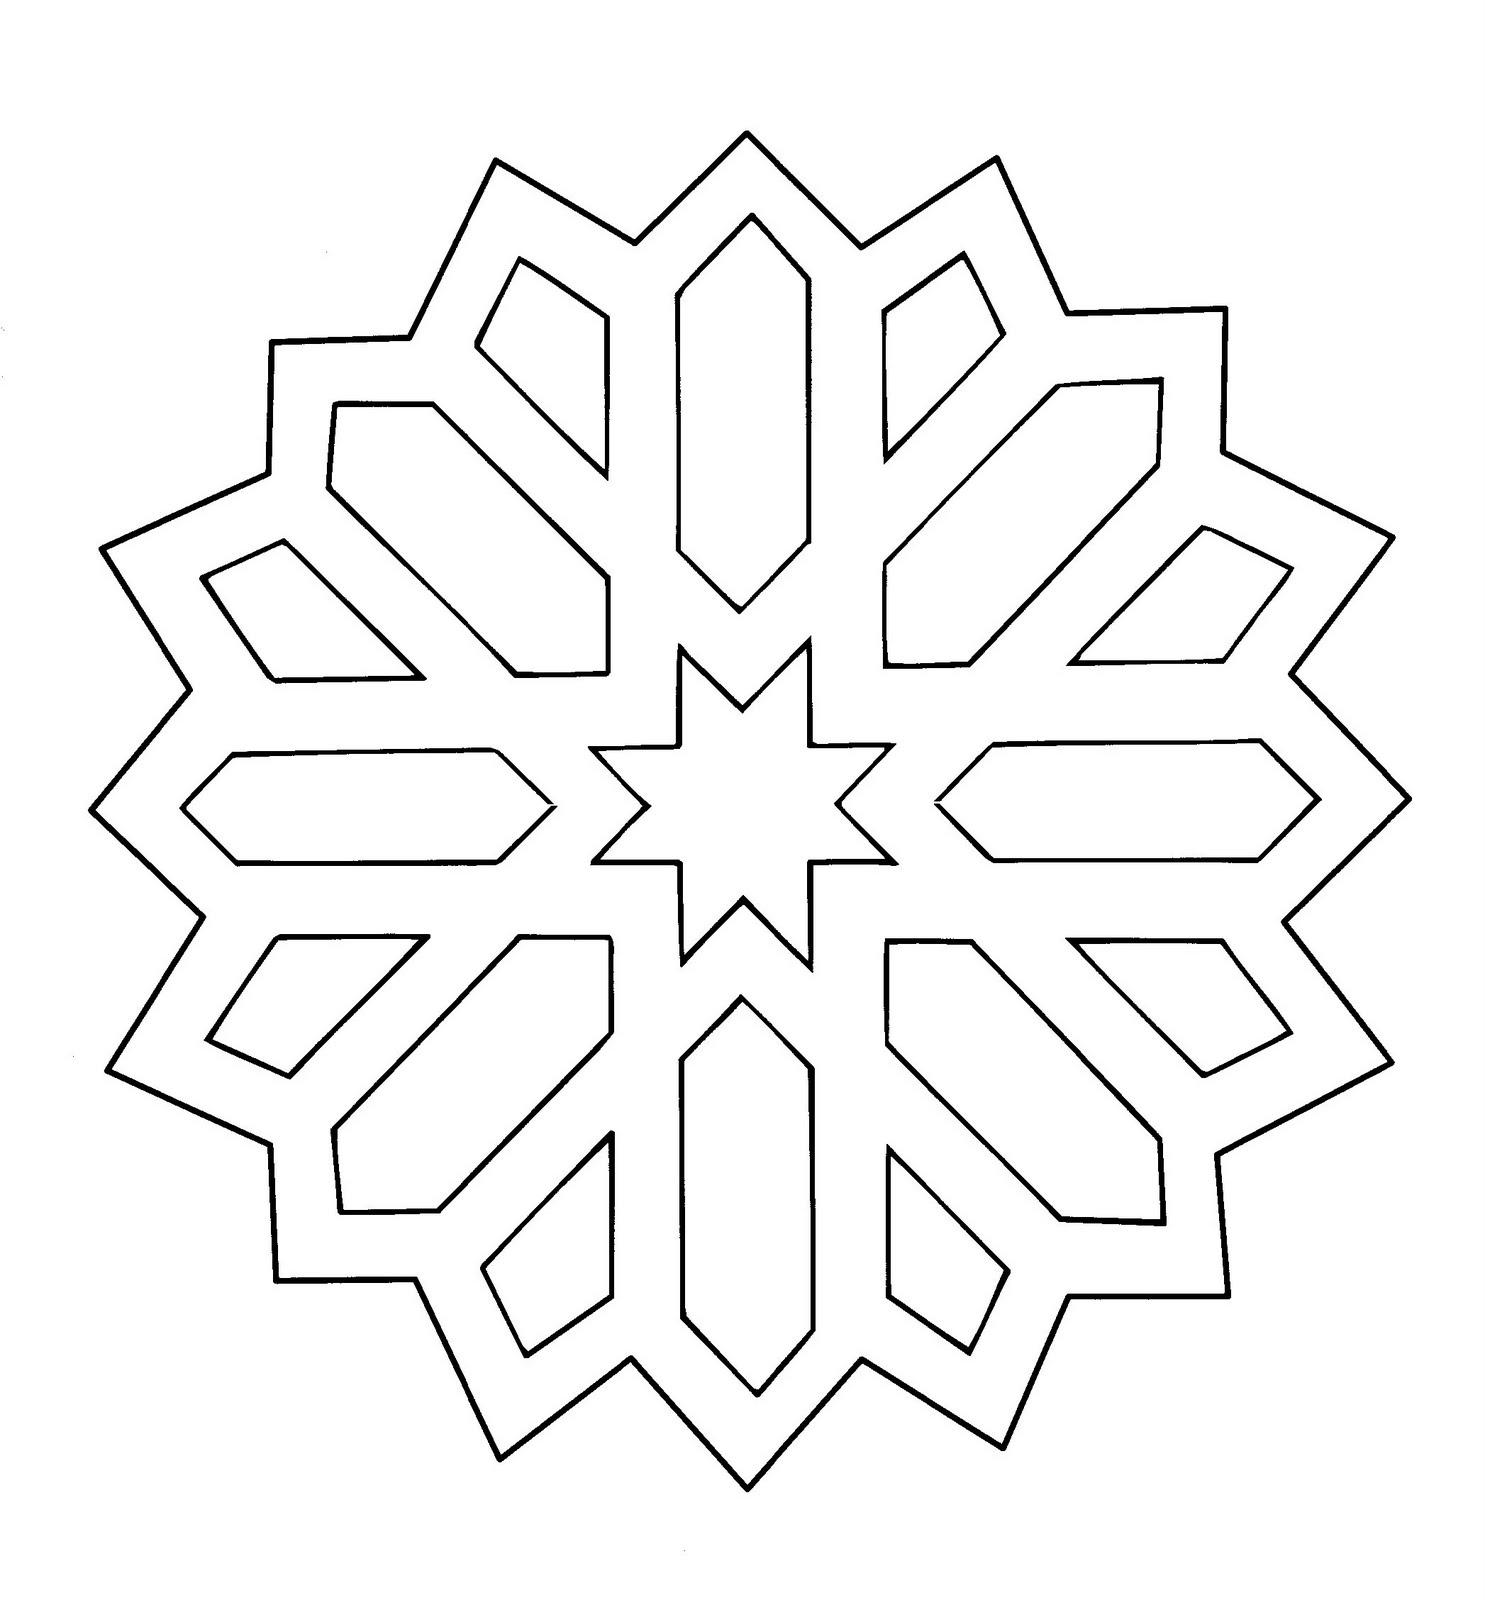 Mandalas faciles para dibujar - Imagui